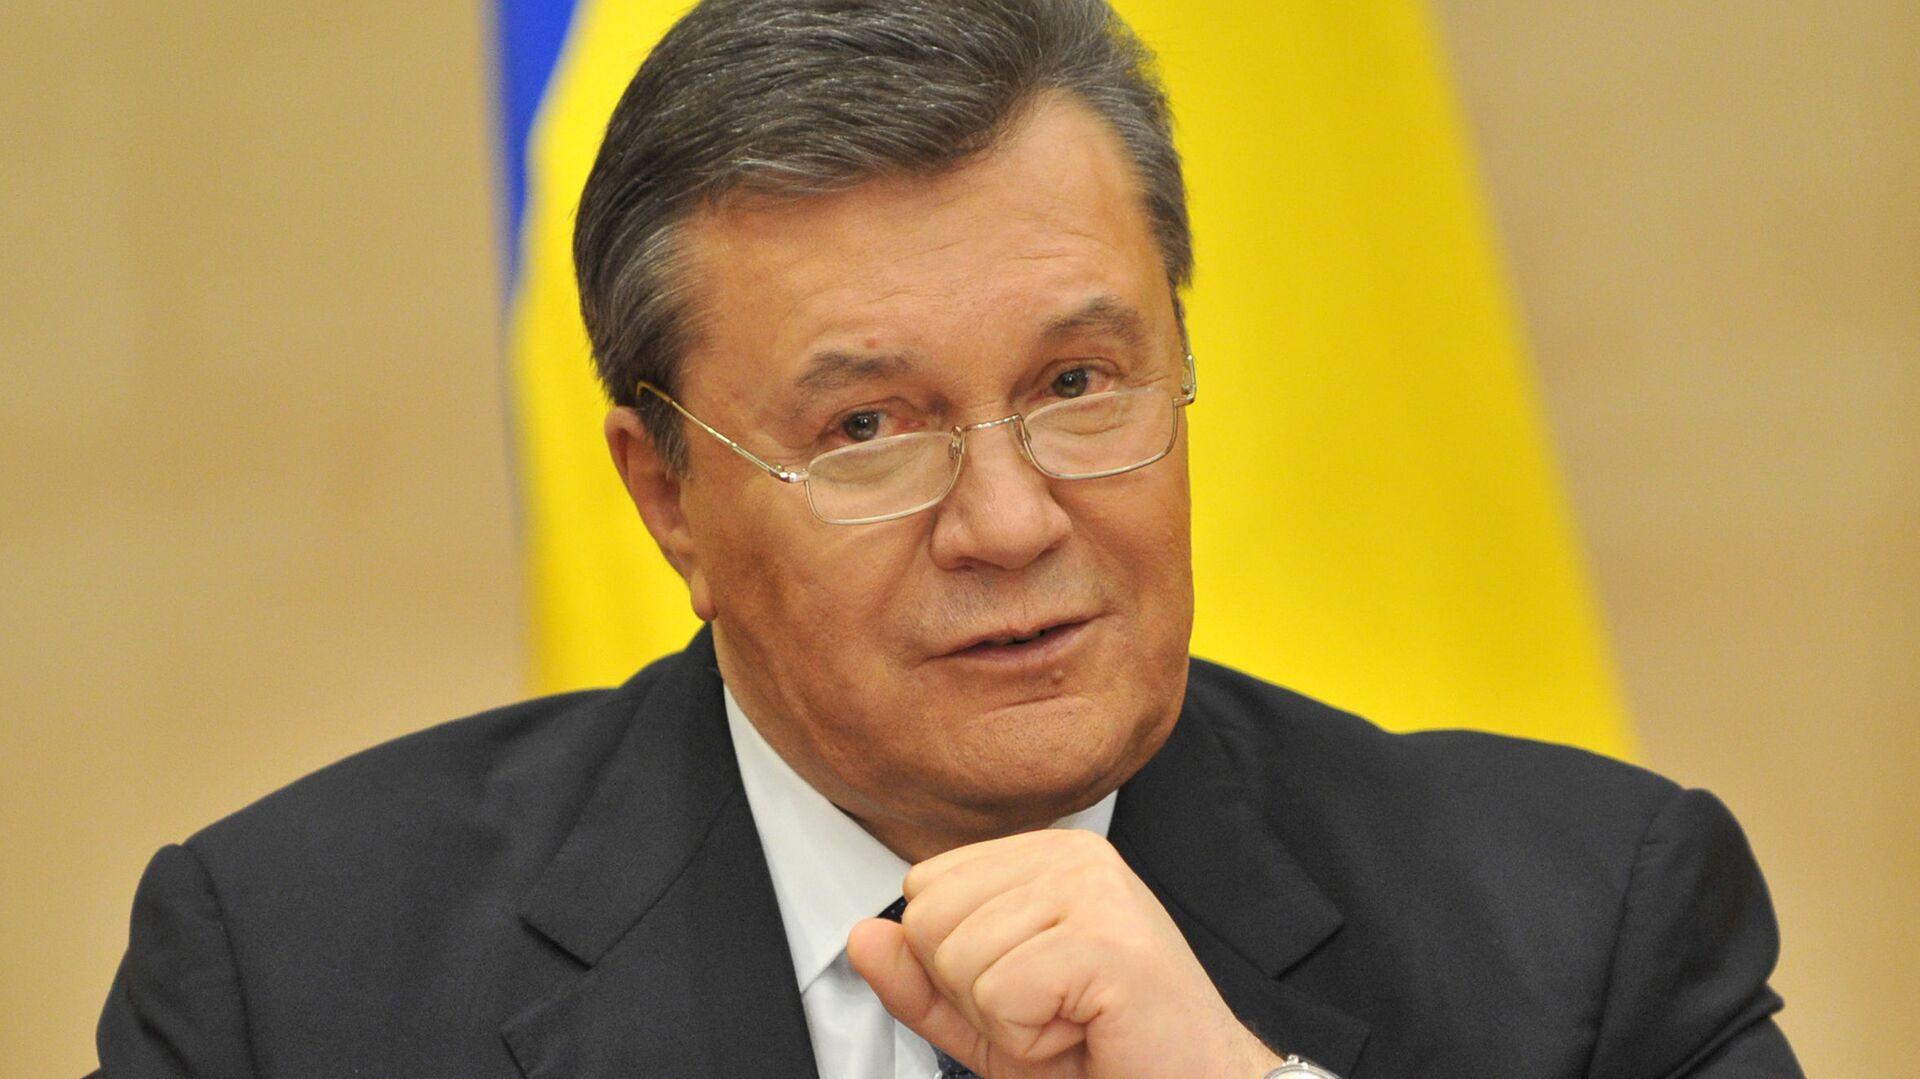 Отстраненный от должности президента Украины Виктор Янукович выступает на пресс-конференции в Ростове-на-Дону. 28 февраля 2014  - РИА Новости, 1920, 18.02.2021